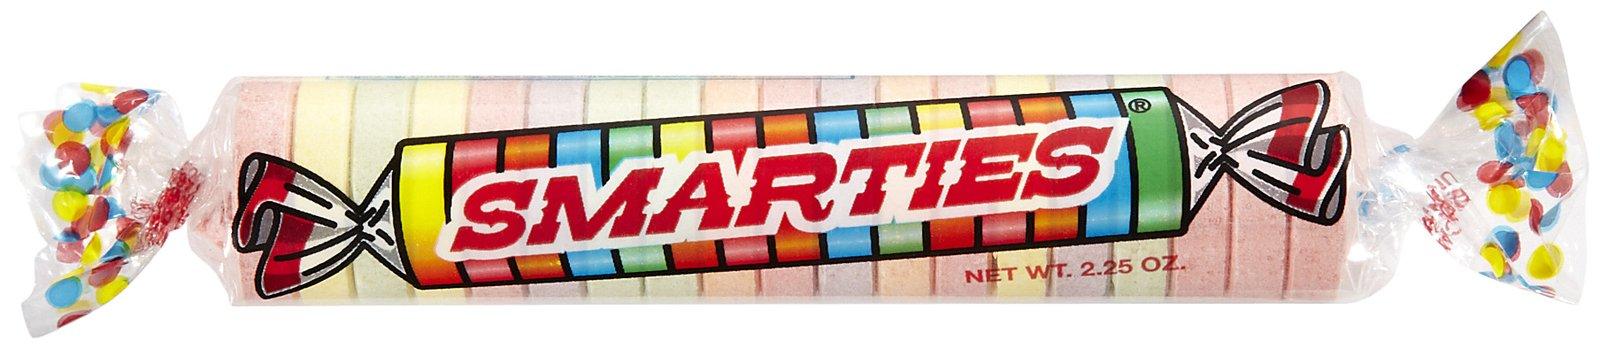 Smarties clipart Clip Mega Art Smarties Masteri